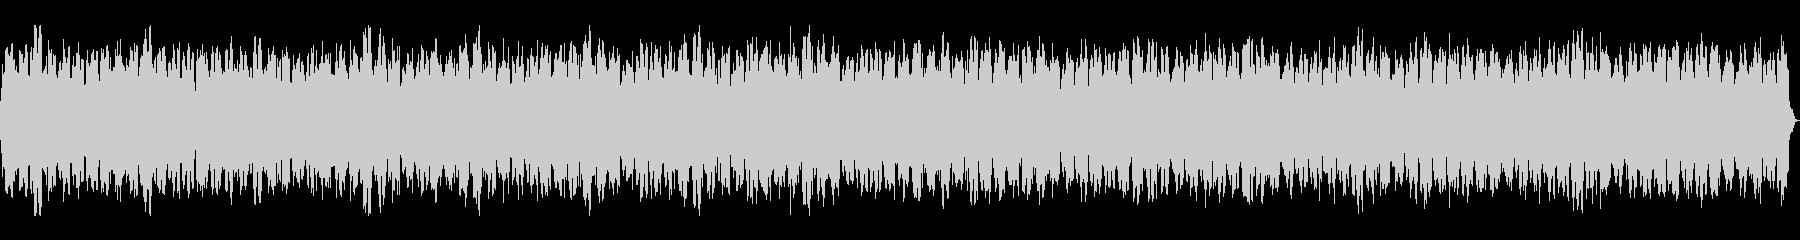 不思議系・説明系の映像に合うスローBGMの未再生の波形